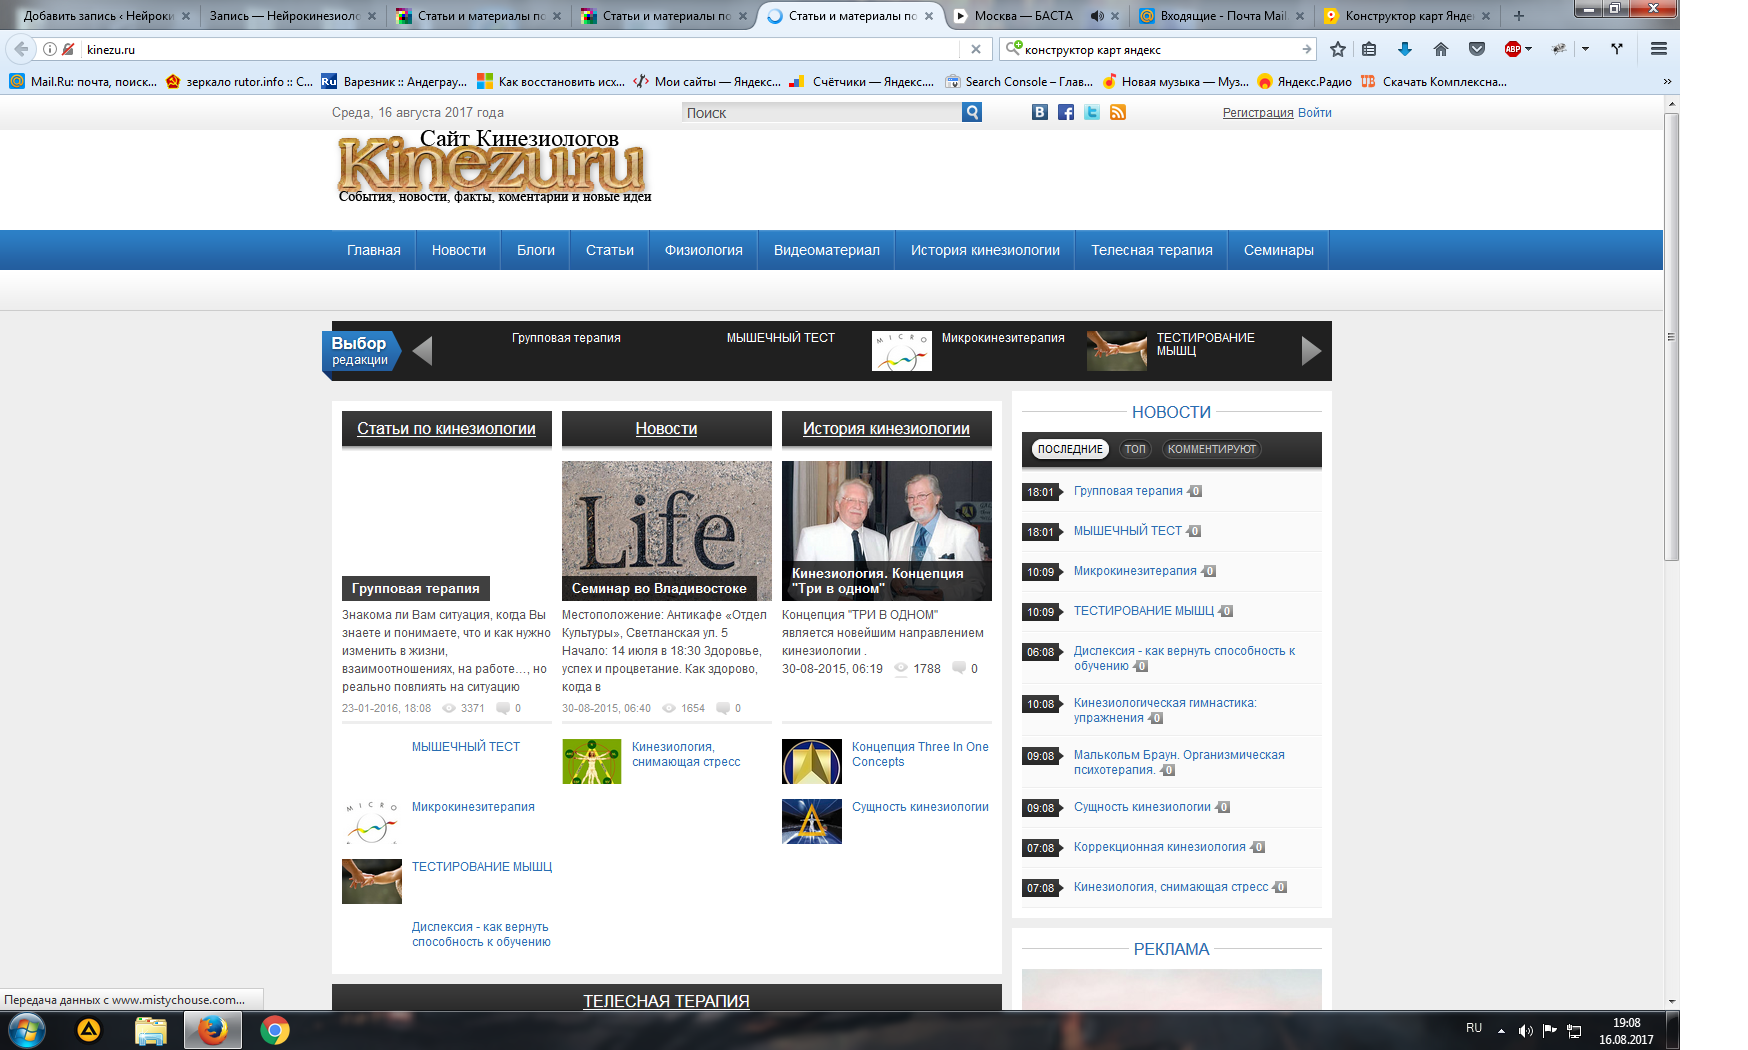 Сайт кинезиологов